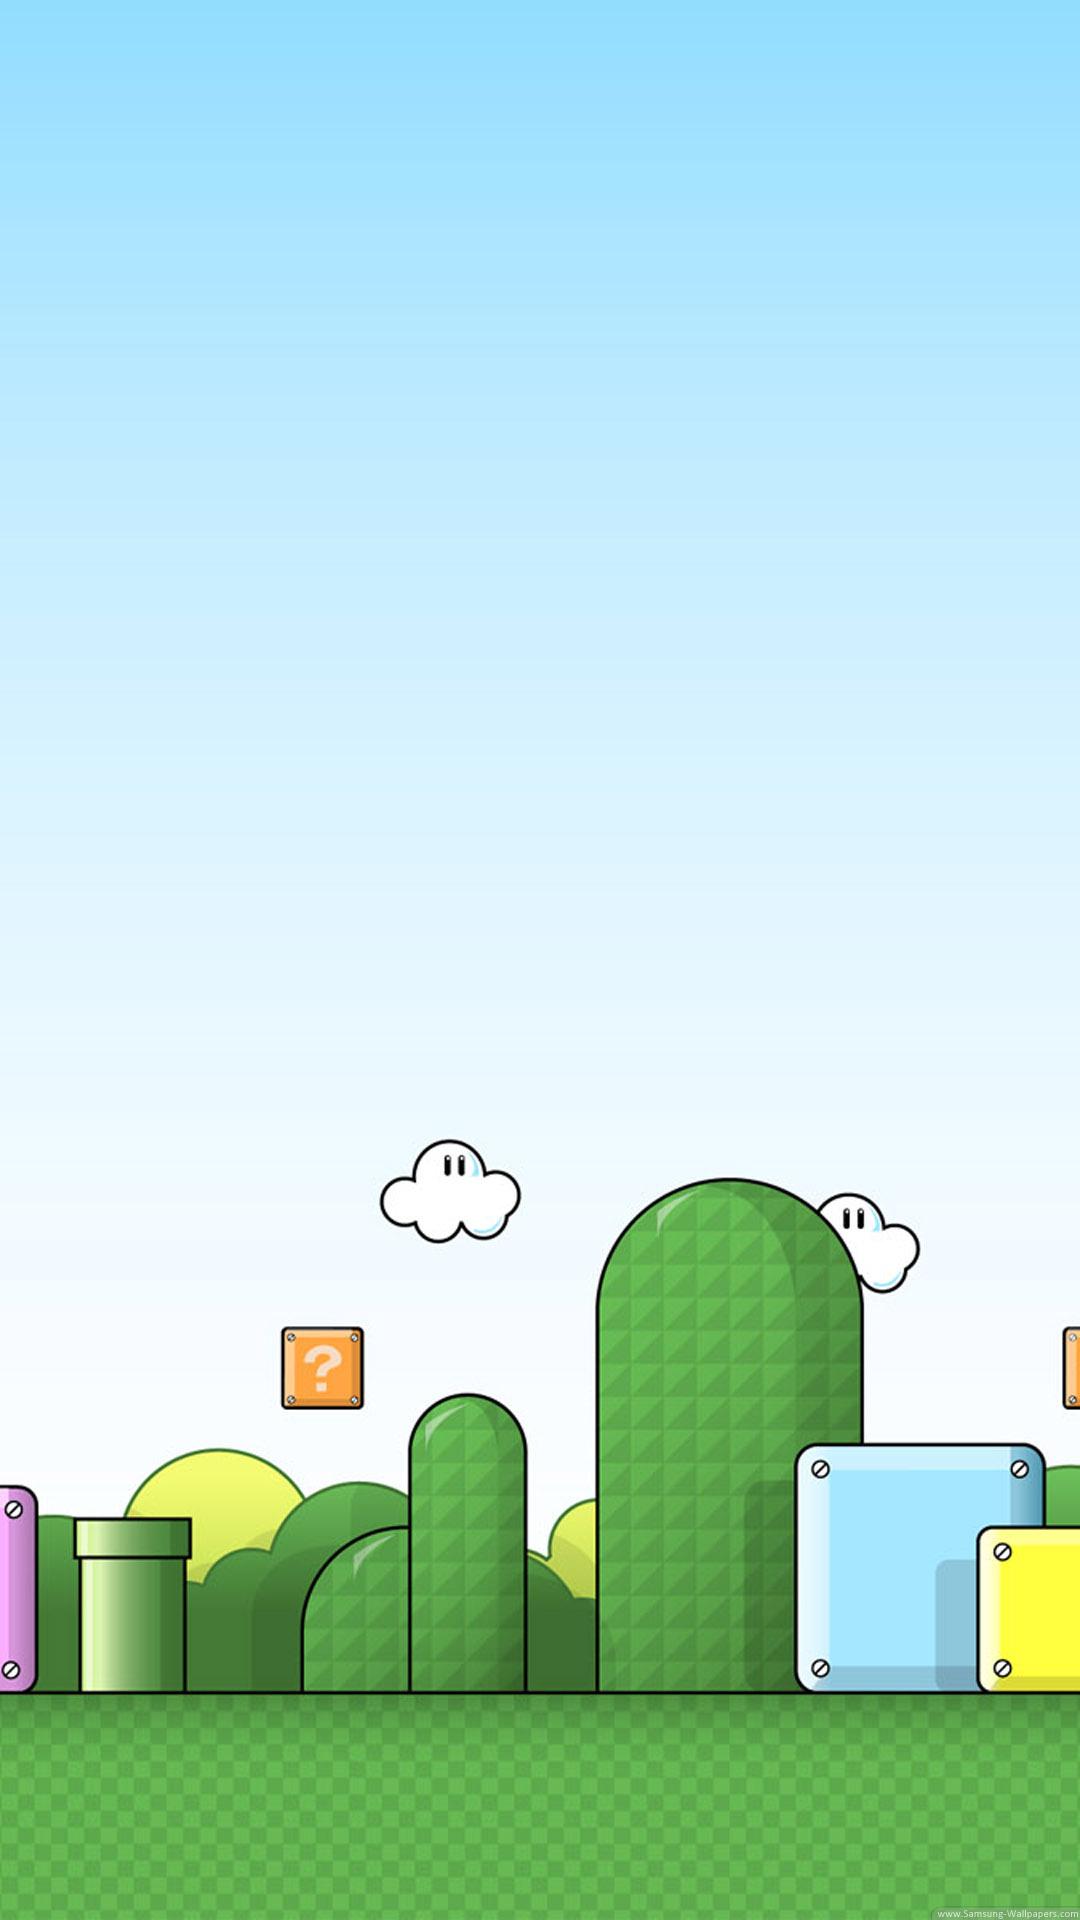 Super Mario - tapeta 2